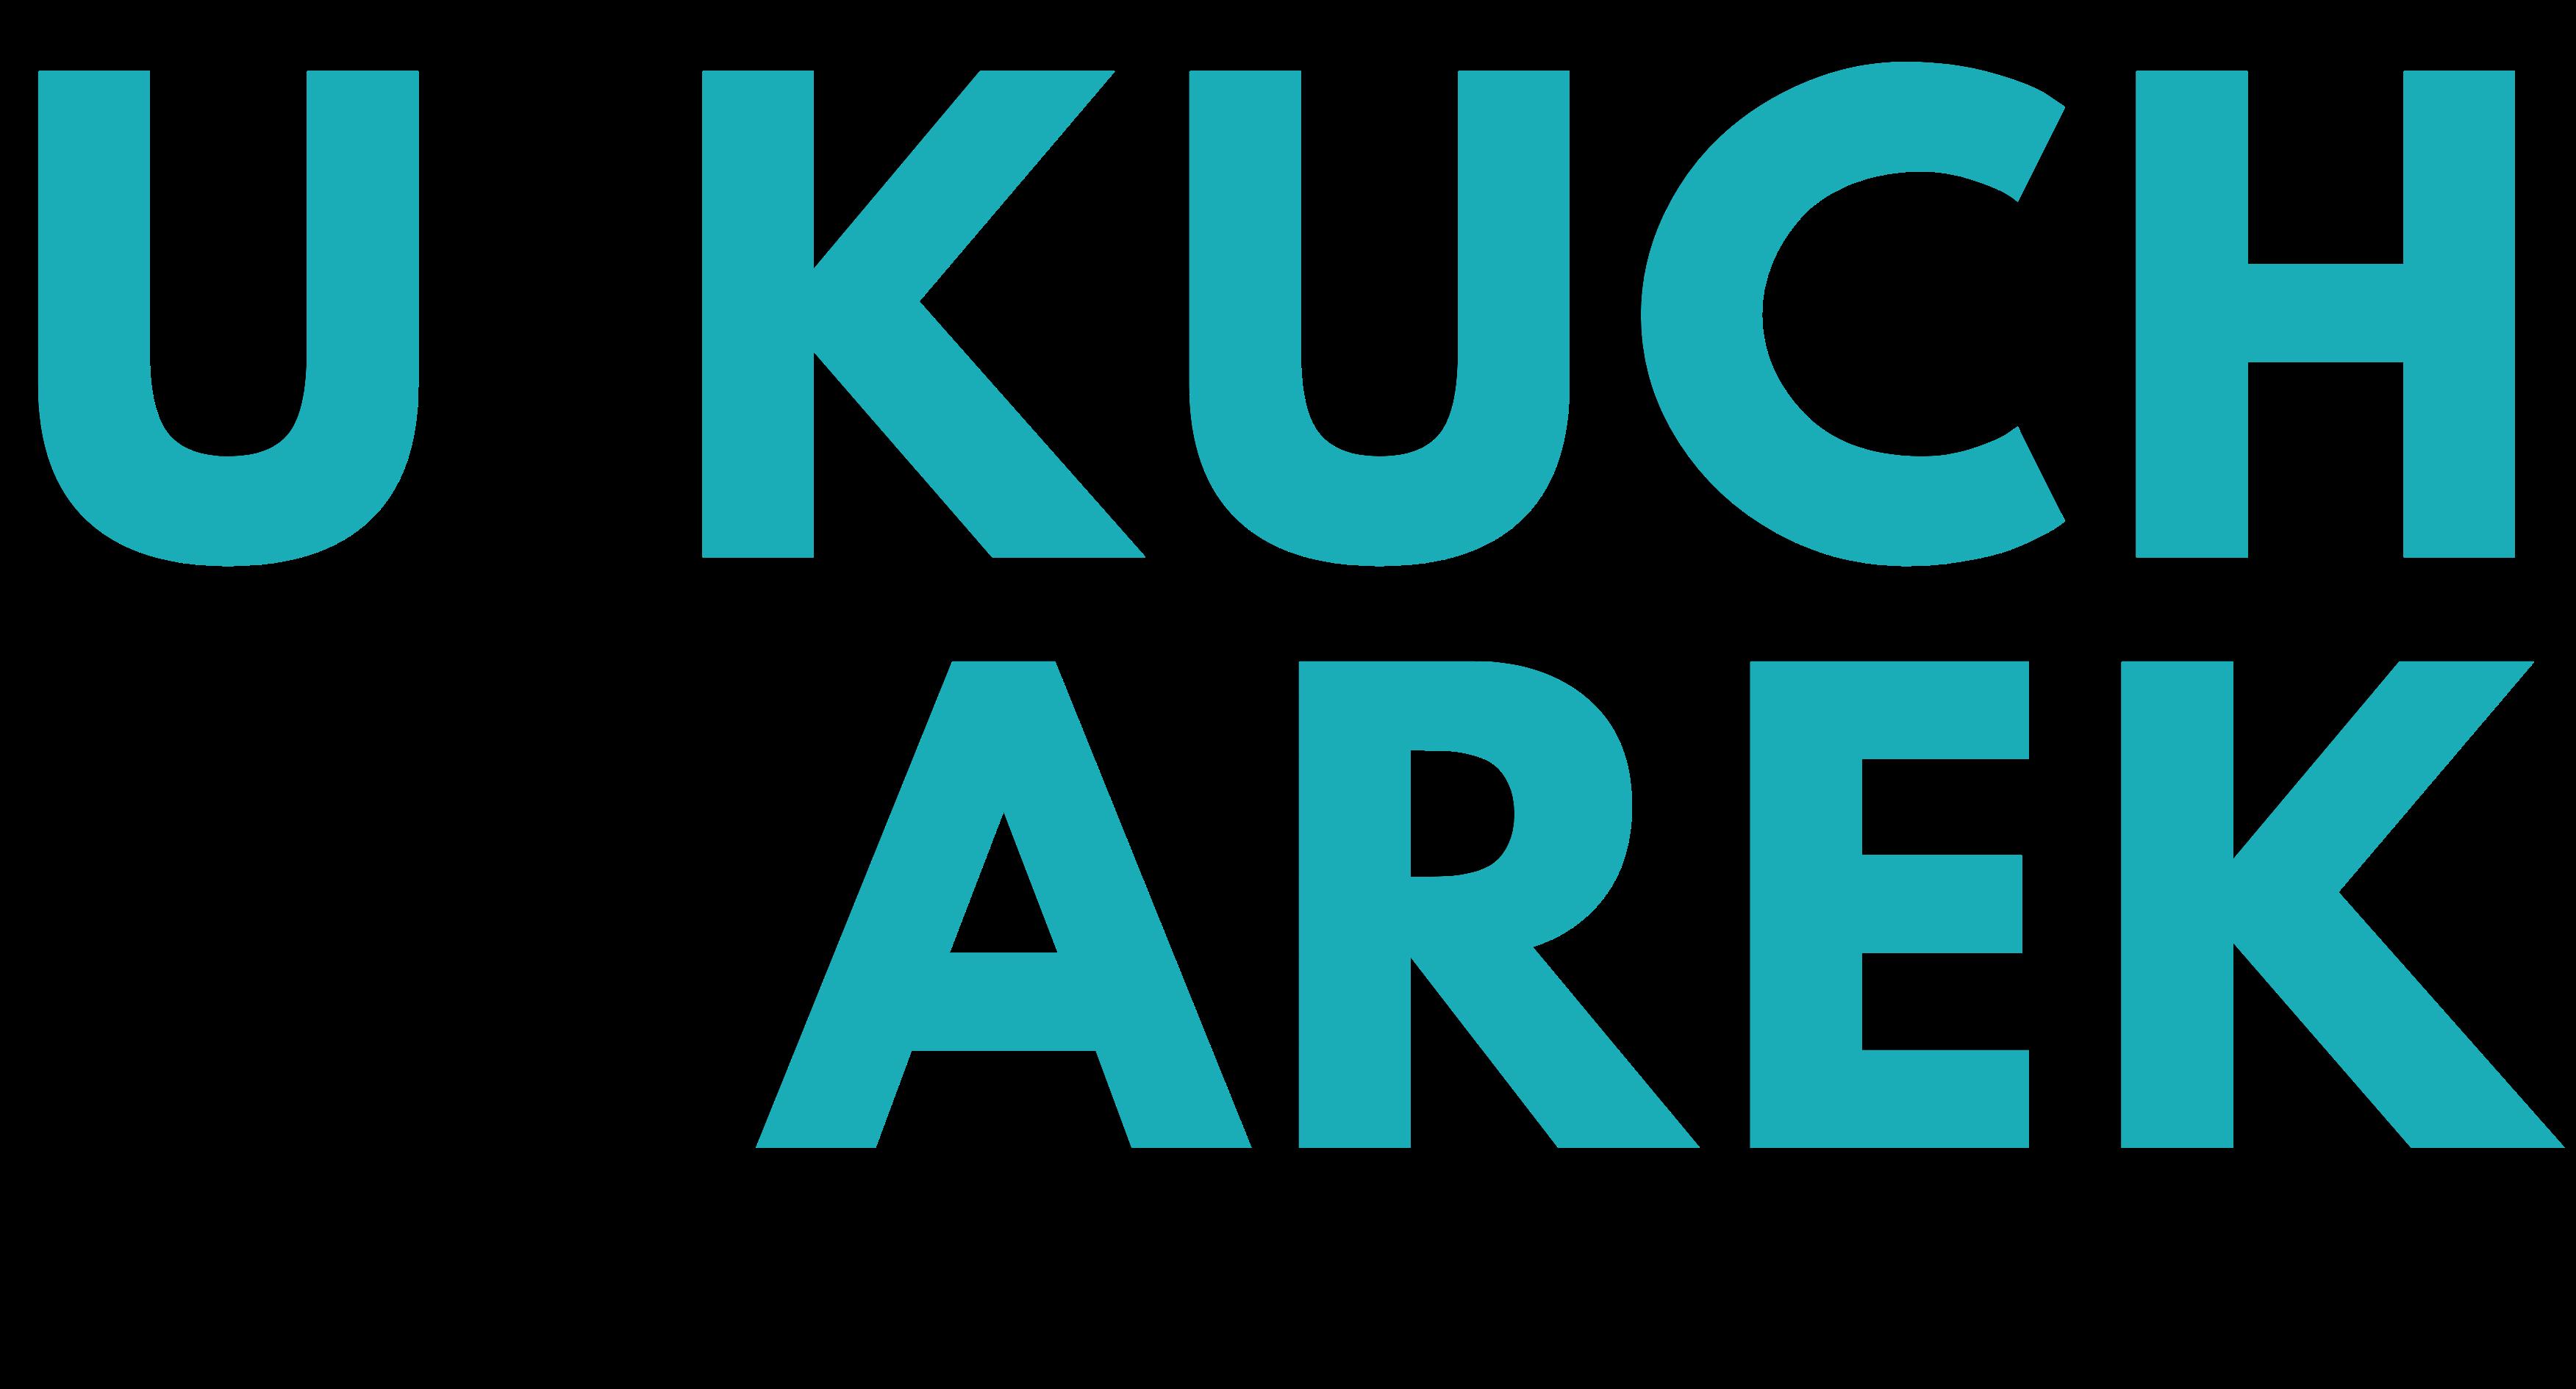 logo u kucharek